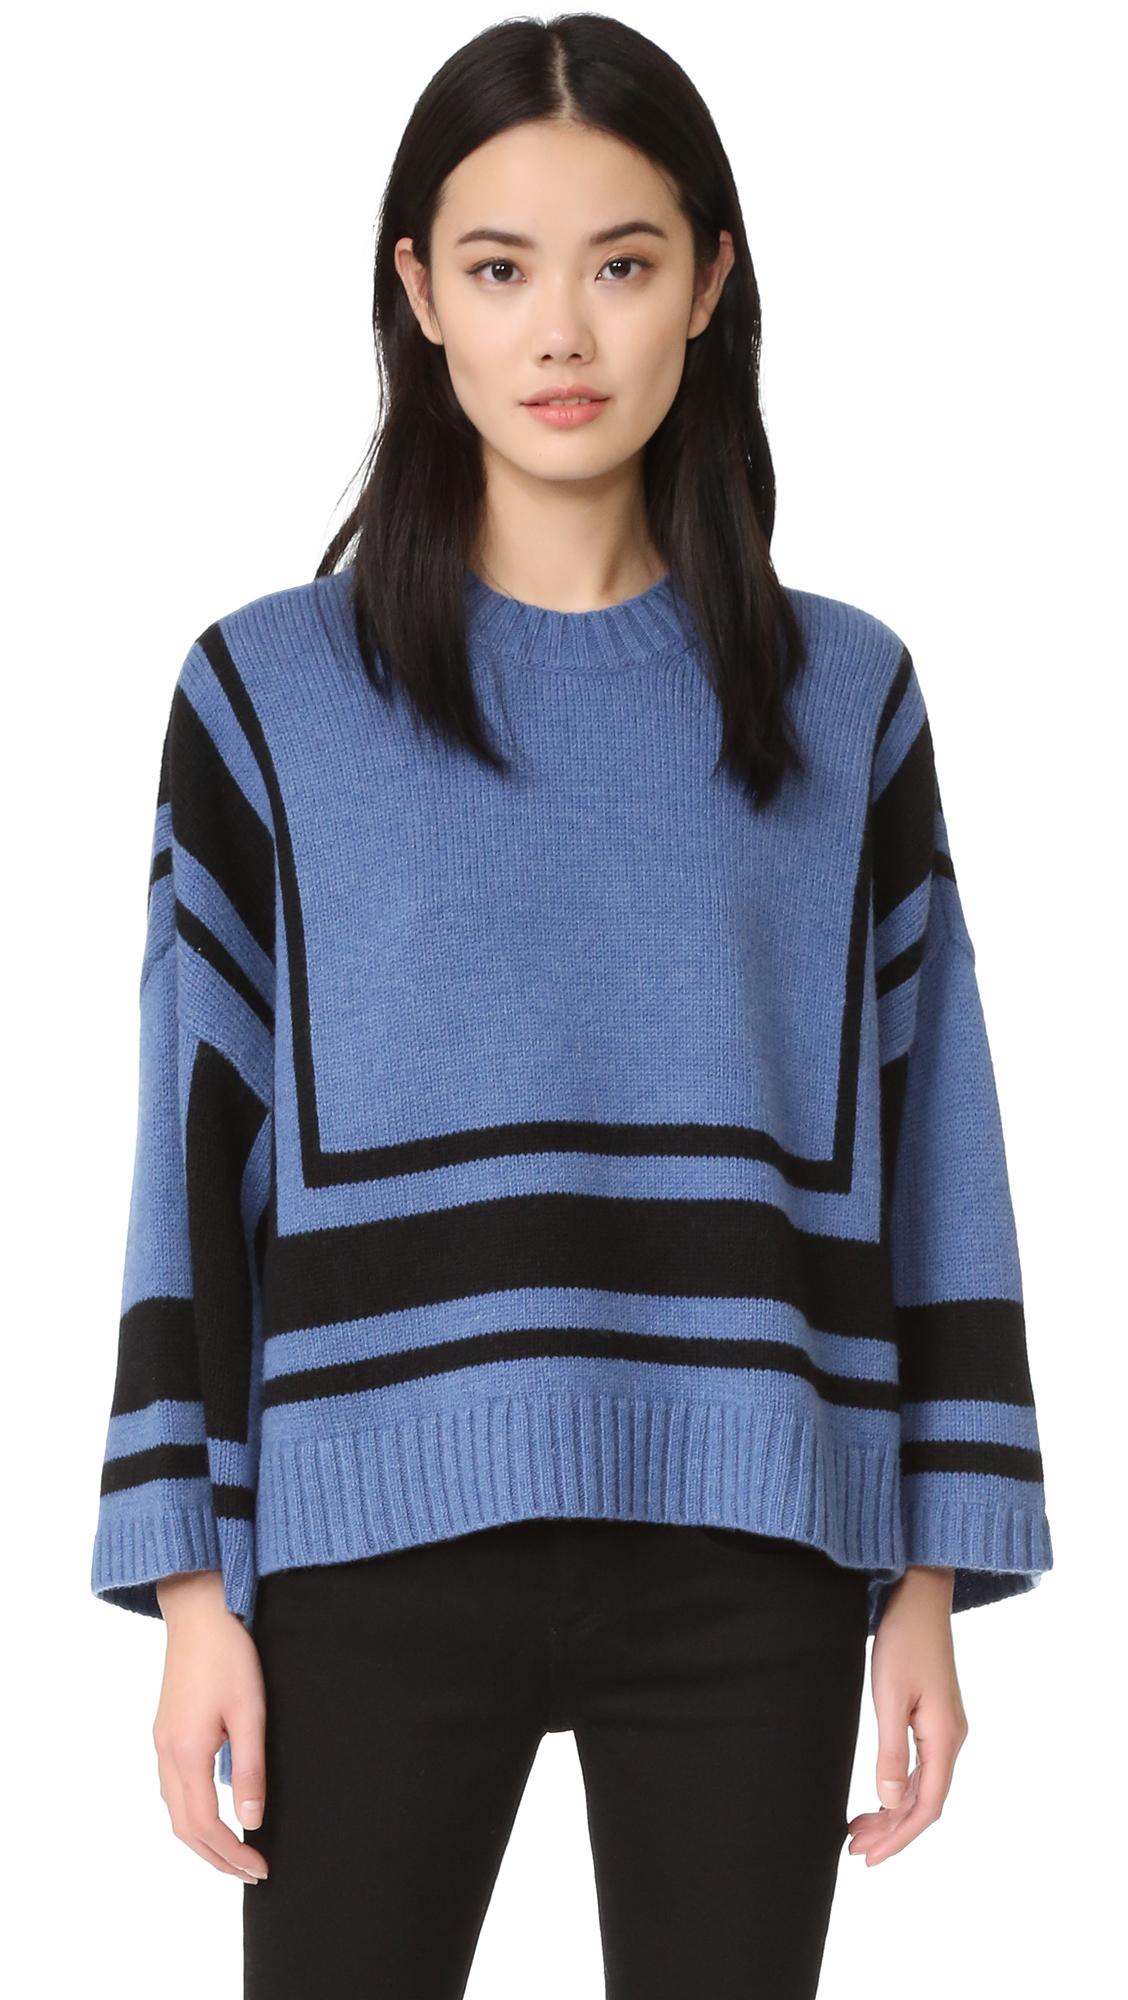 Derek Lam 10 Crosby Bold Stripe Sweater - Blue Multi